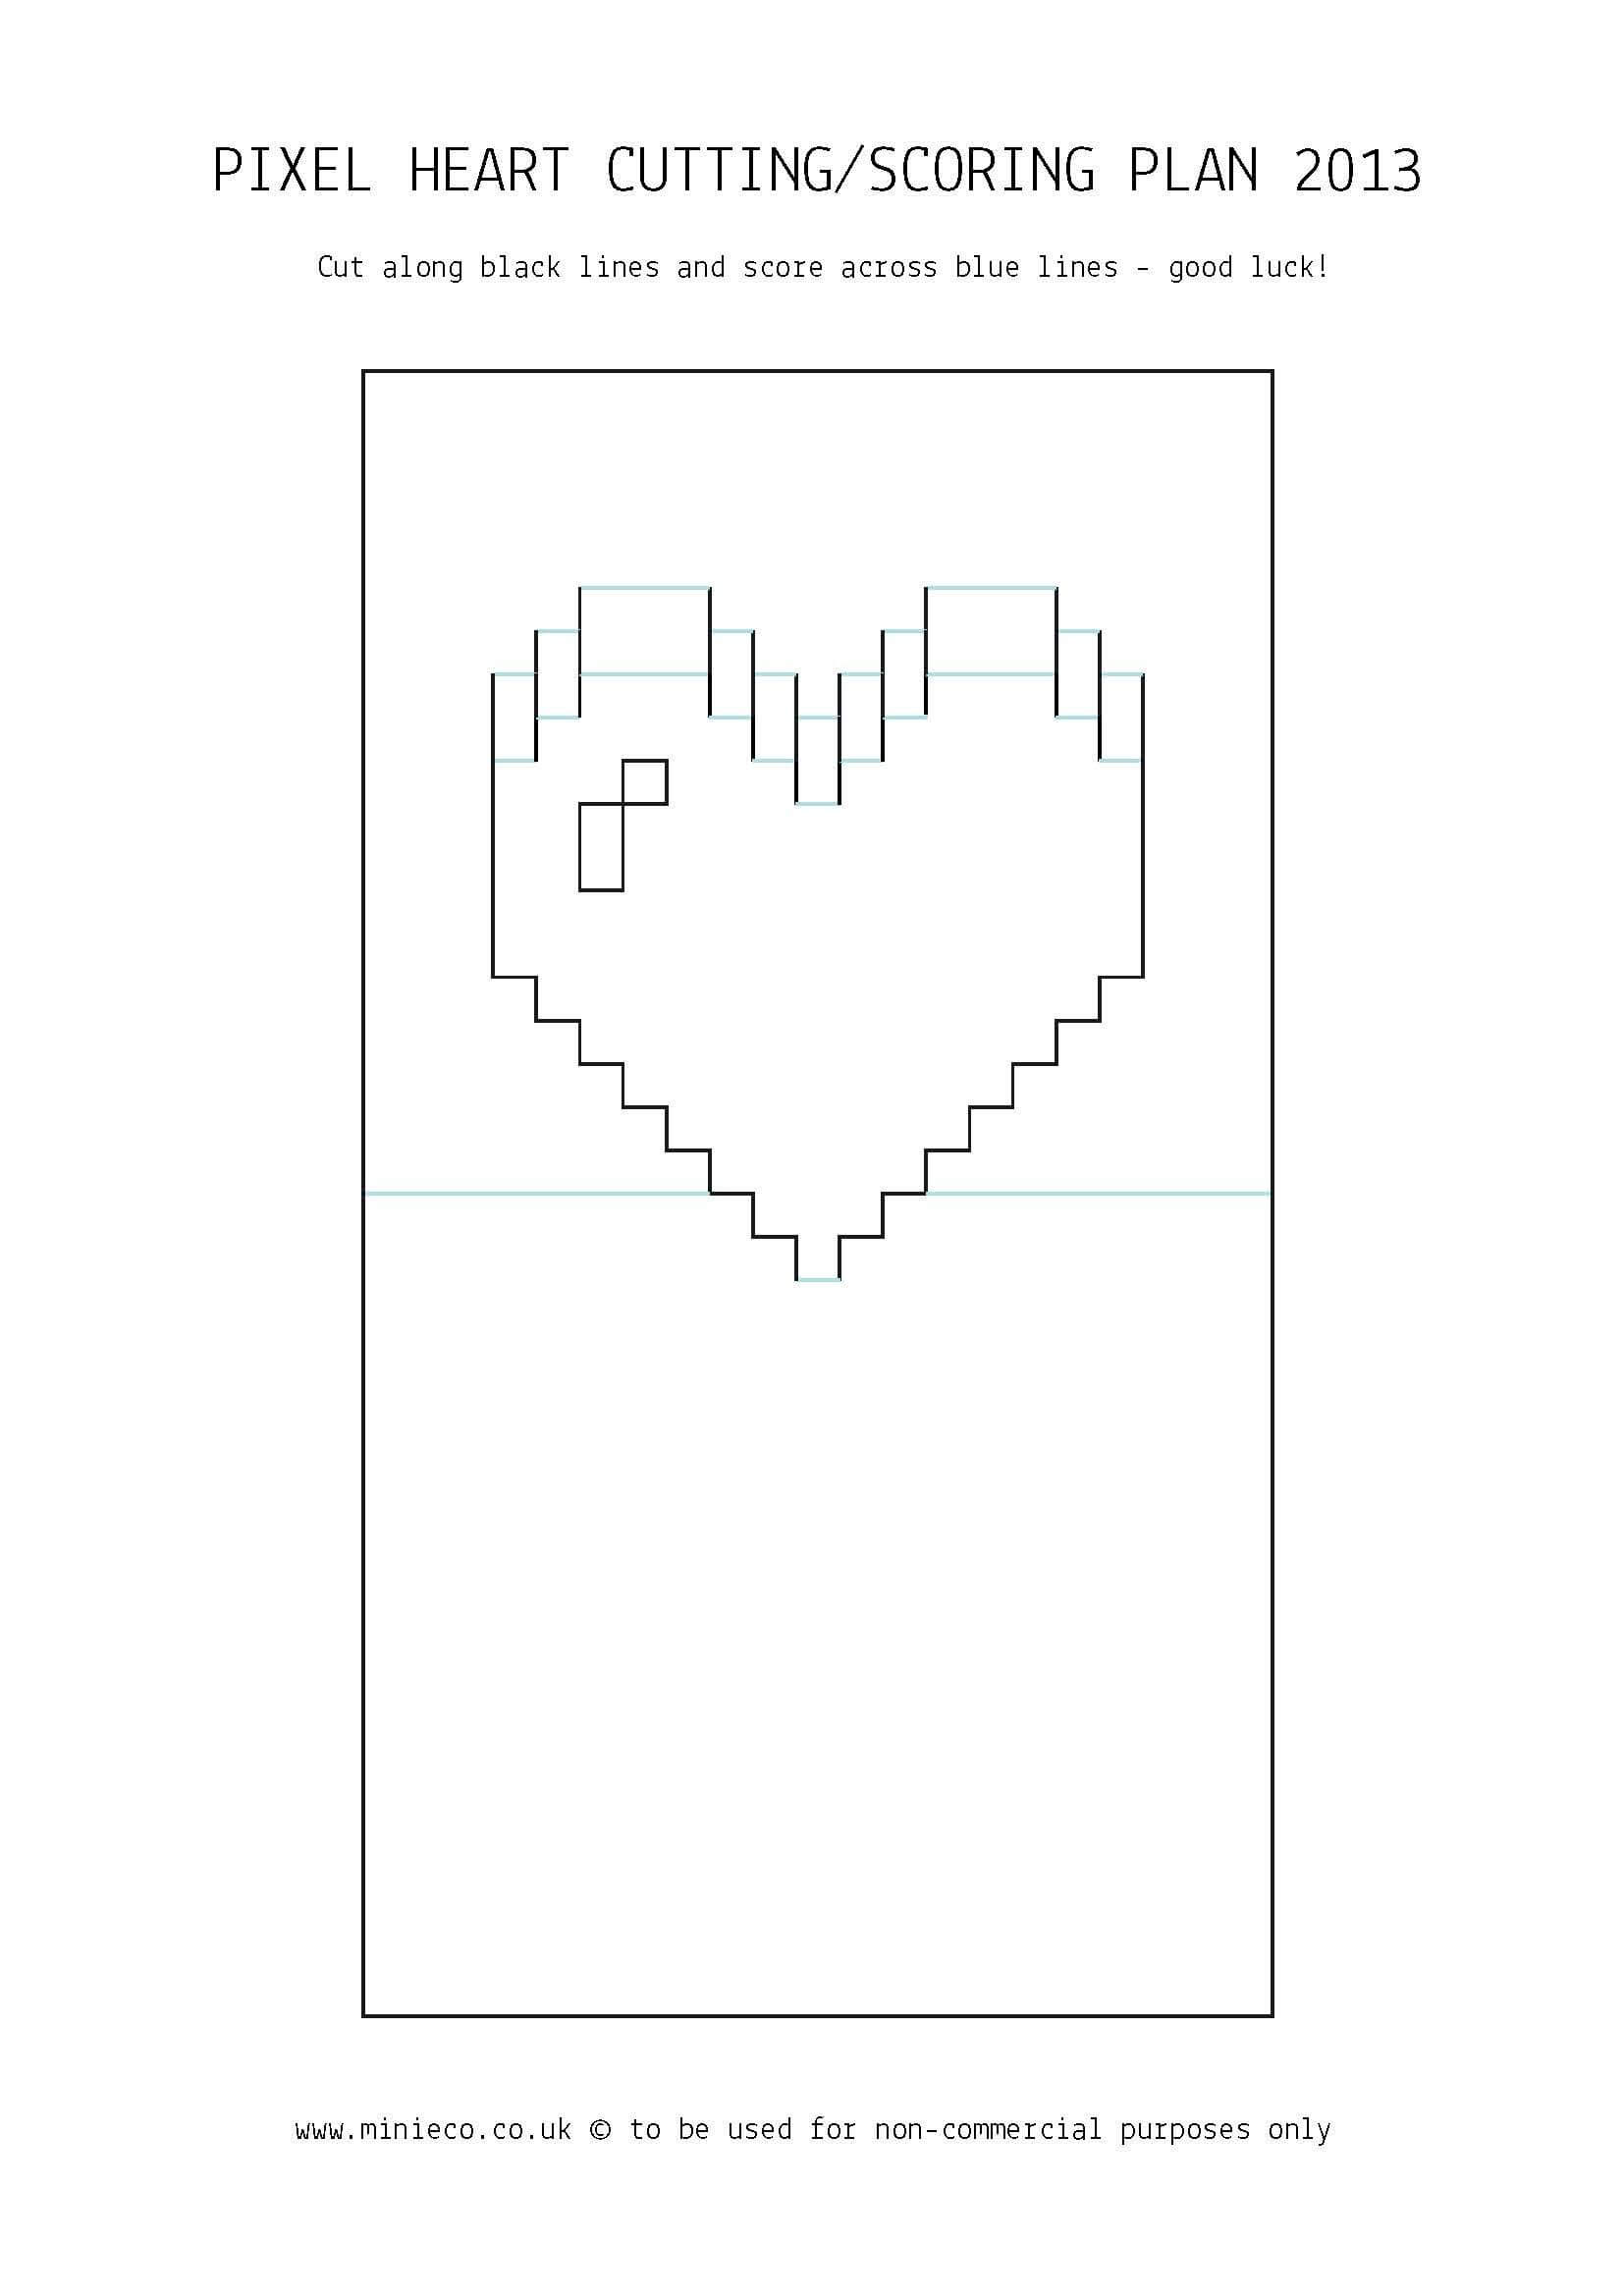 Pixel Heart Pop Up Card | 07. Crafts | Pop Up Card Templates Throughout Pop Out Heart Card Template